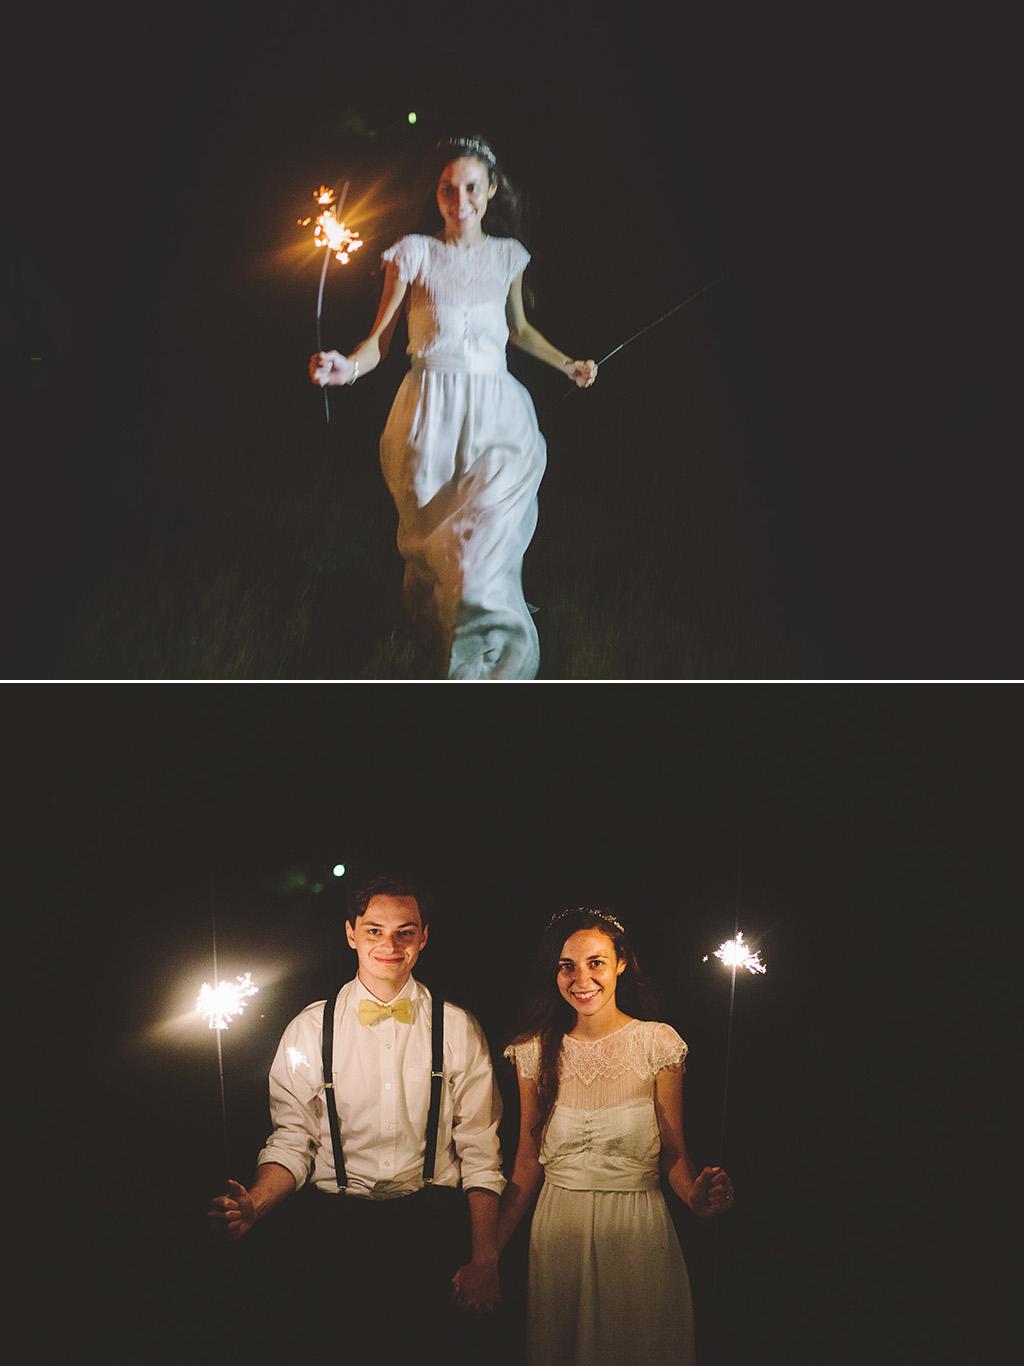 Wedding sparkler ideas